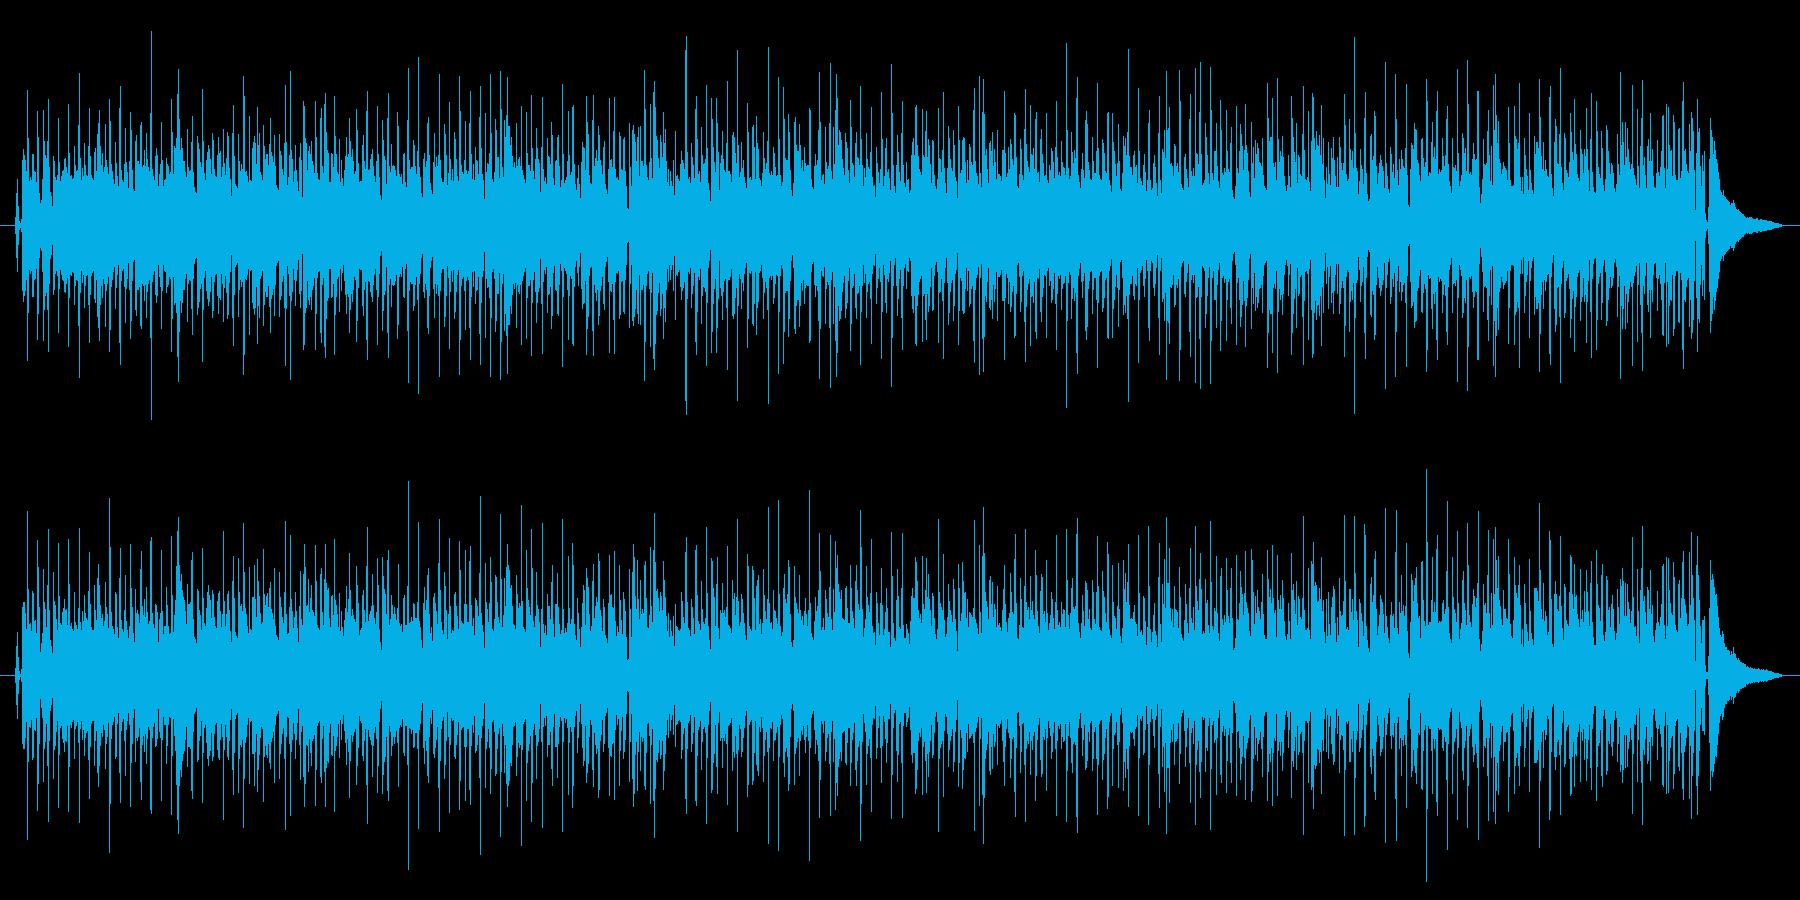 ジプシージャズのカラオケバージョンの再生済みの波形